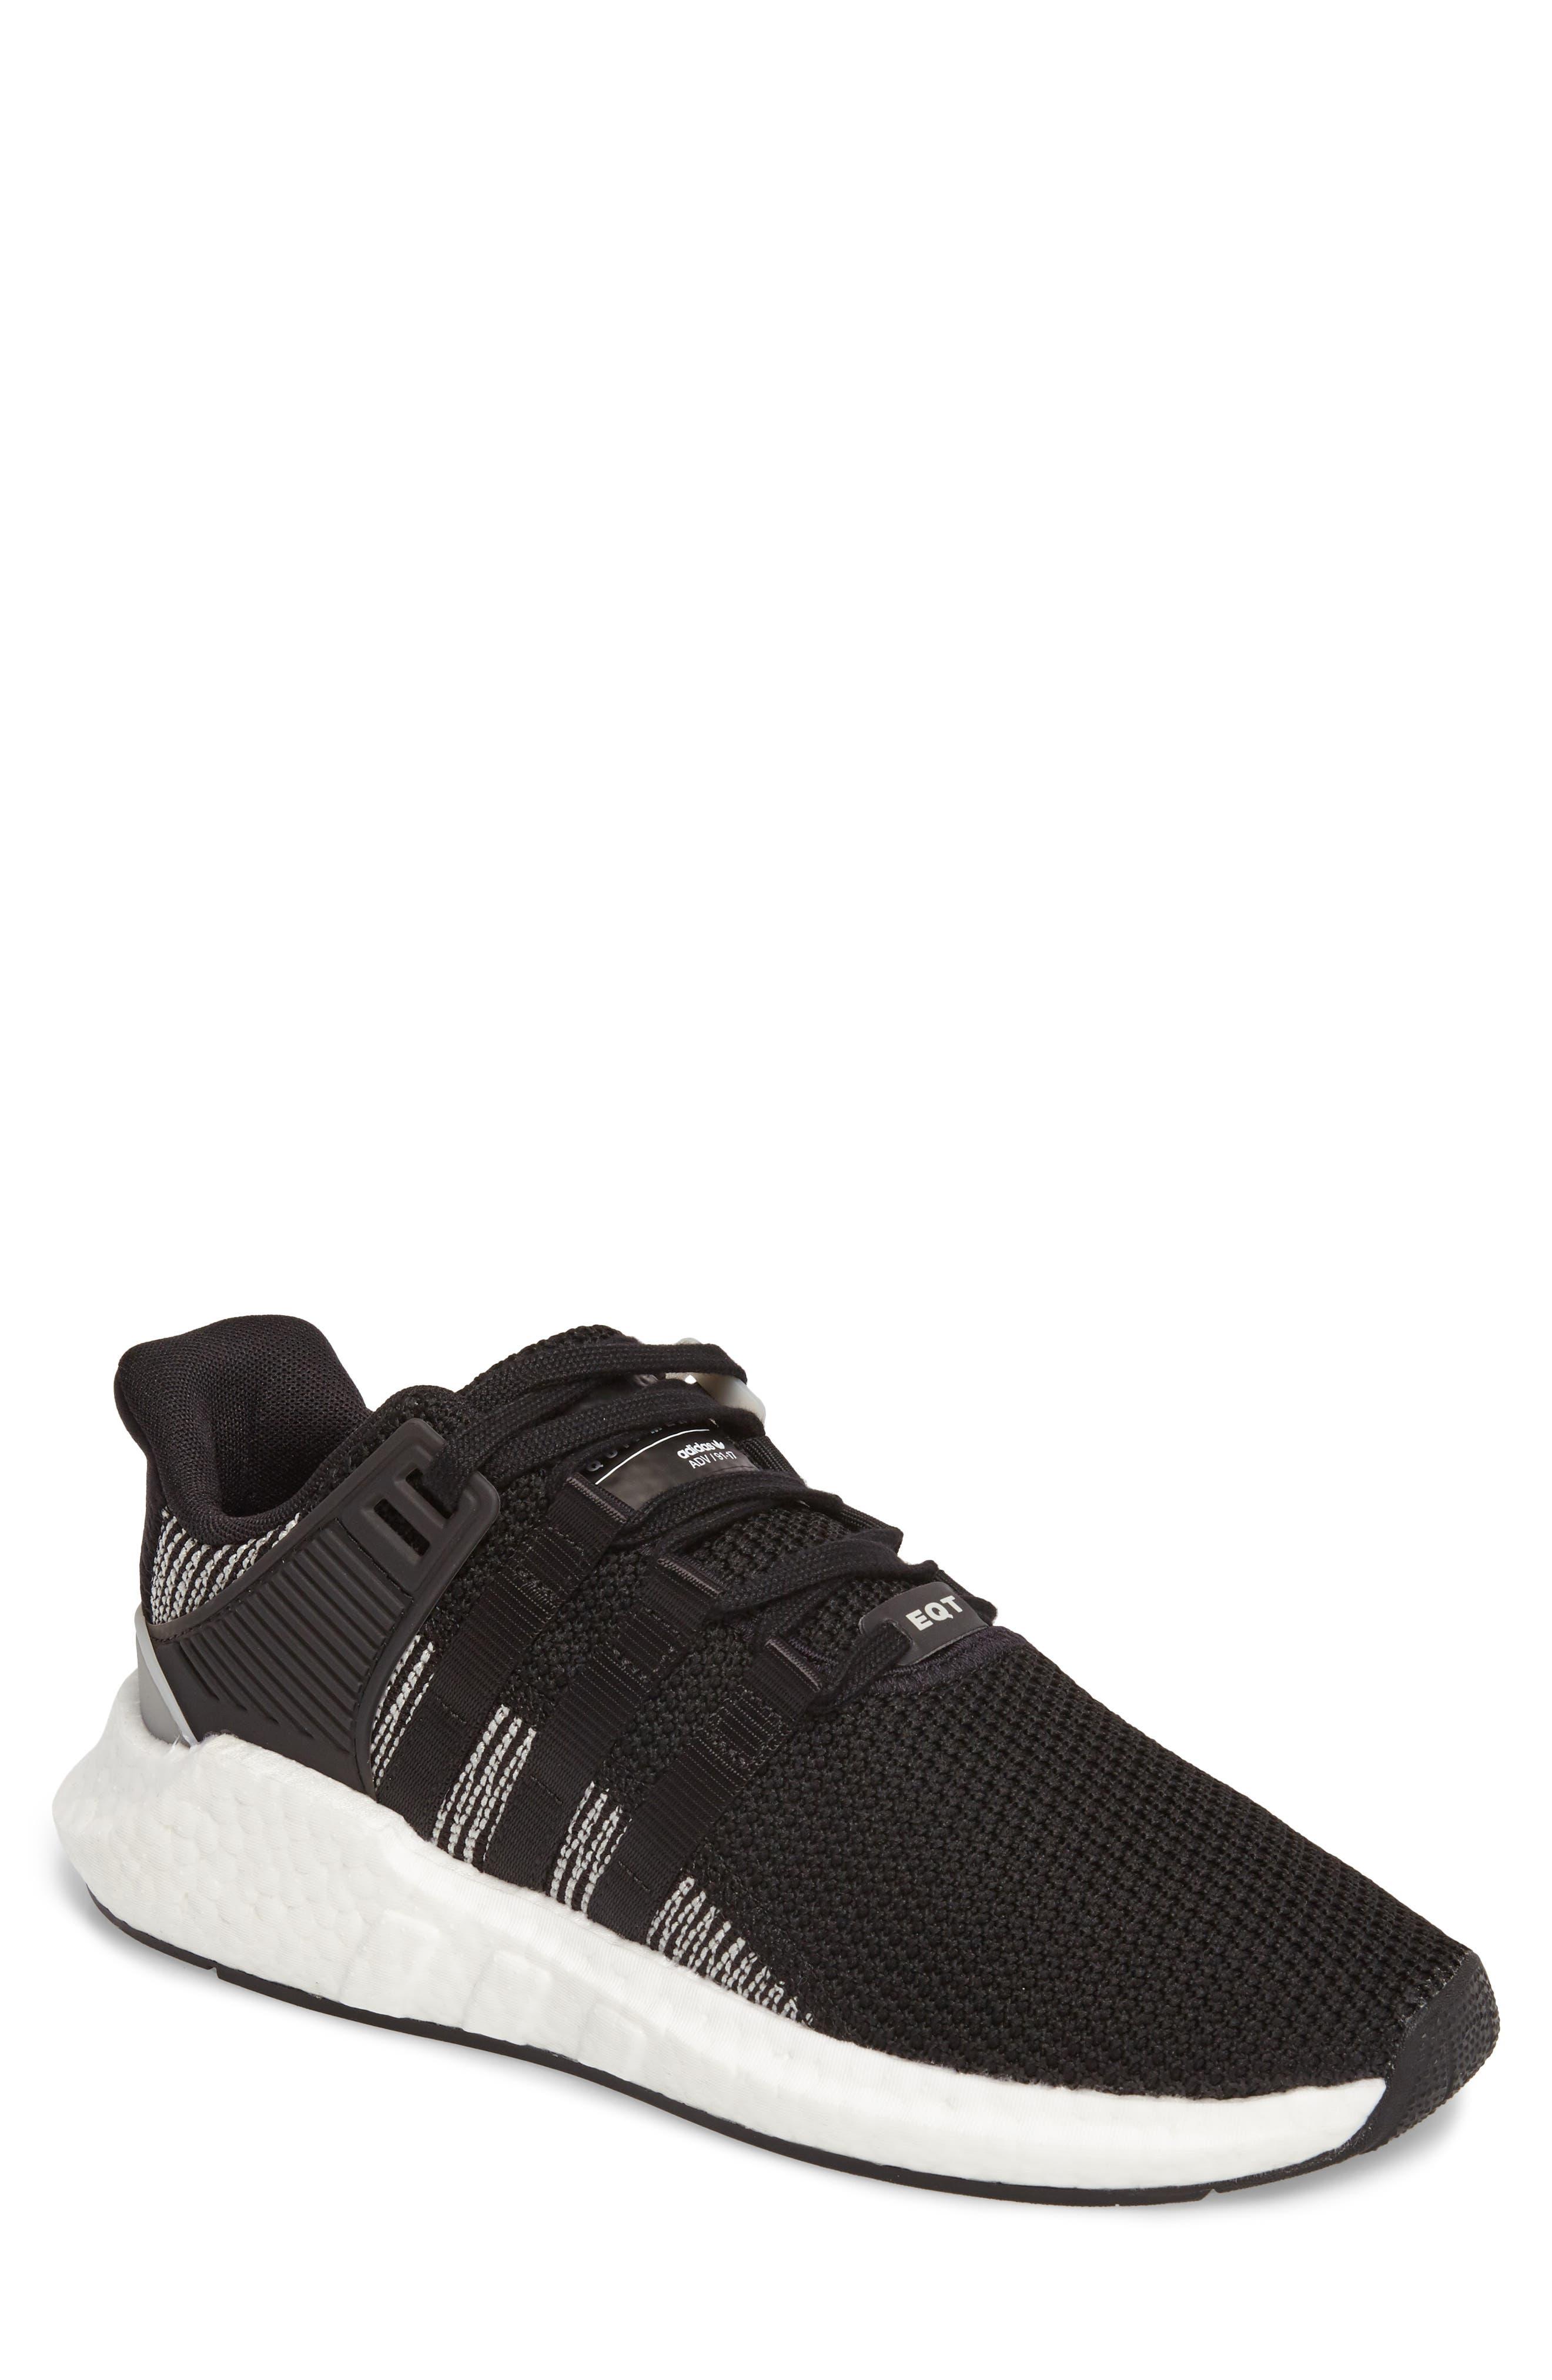 adidas EQT Support 93/17 Sneaker (Men)